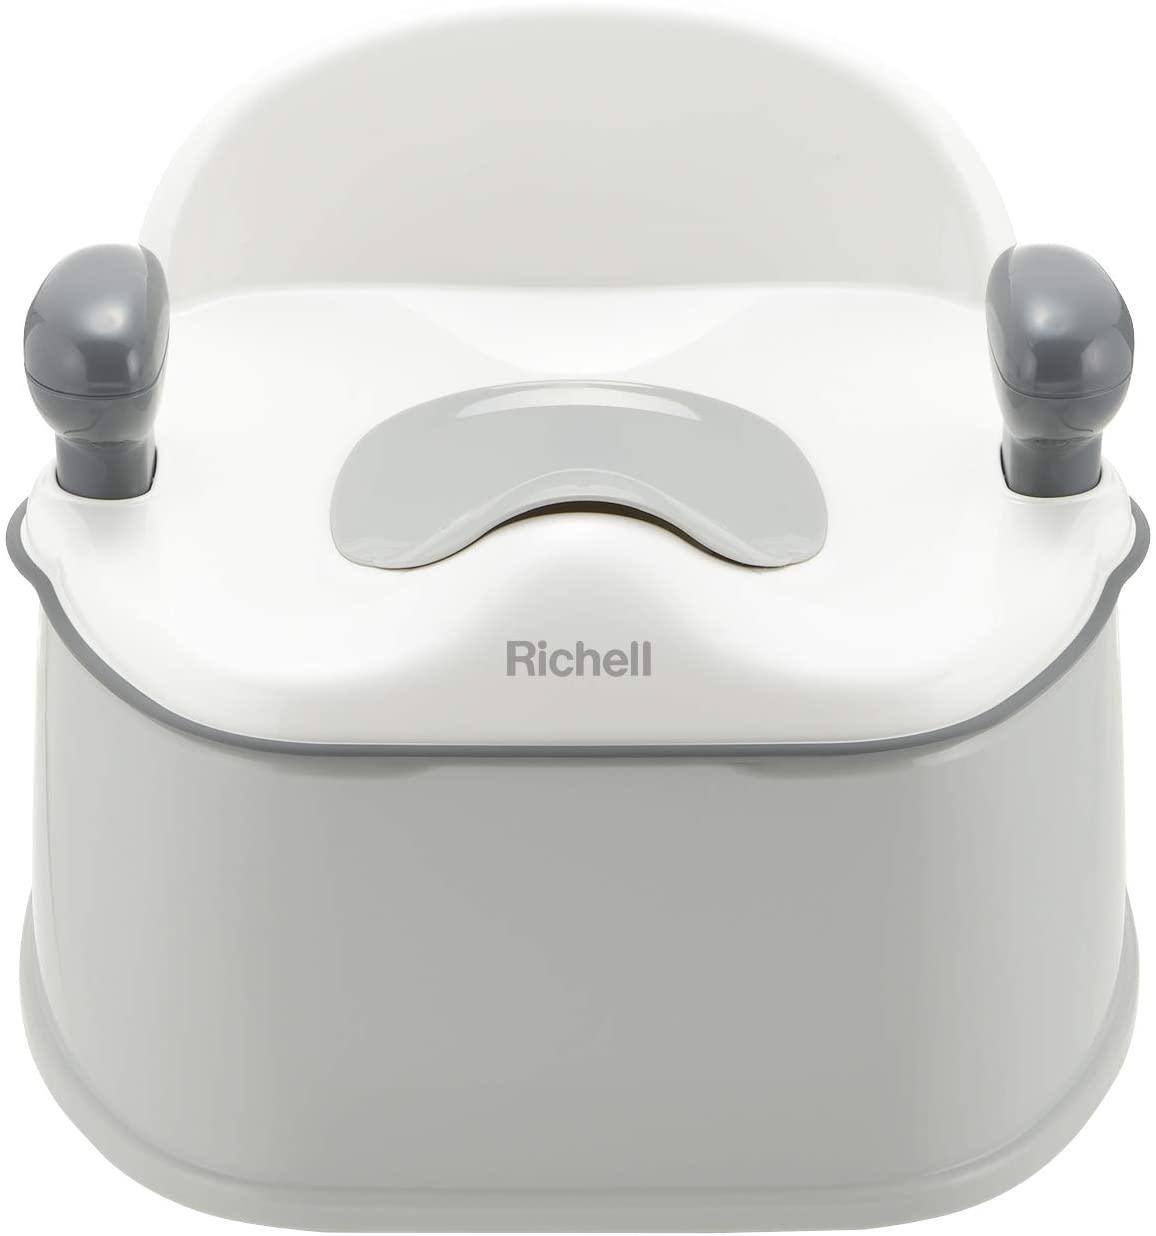 Richell(リッチェル) ポッティス イス型おまるKの商品画像2